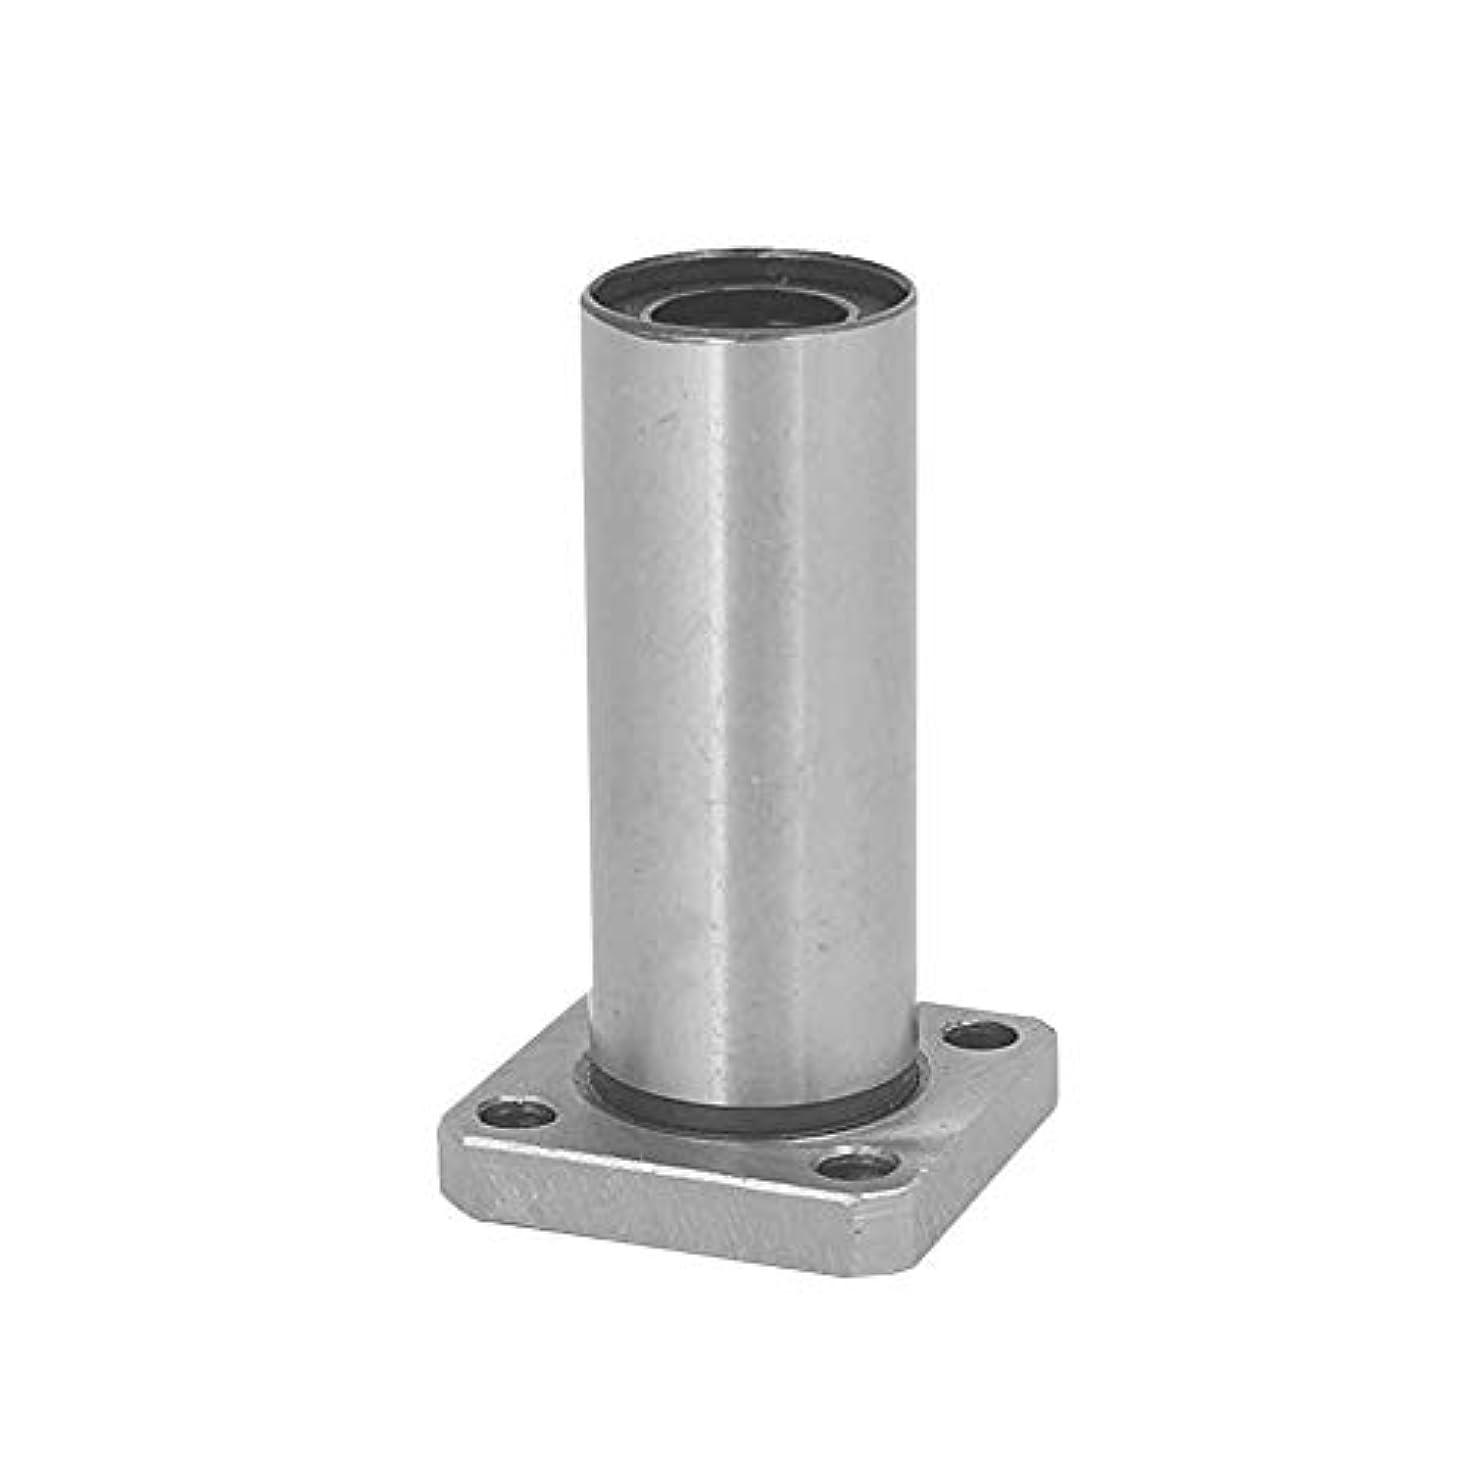 山釈義フラフープ1PC LMK12LUU dr:3Dプリンター用の12mmロングスクエアフランジタイプリニアベアリングブッシングリニアロッドスティック電動工具CNC部品Innovationo(色:シルバー)